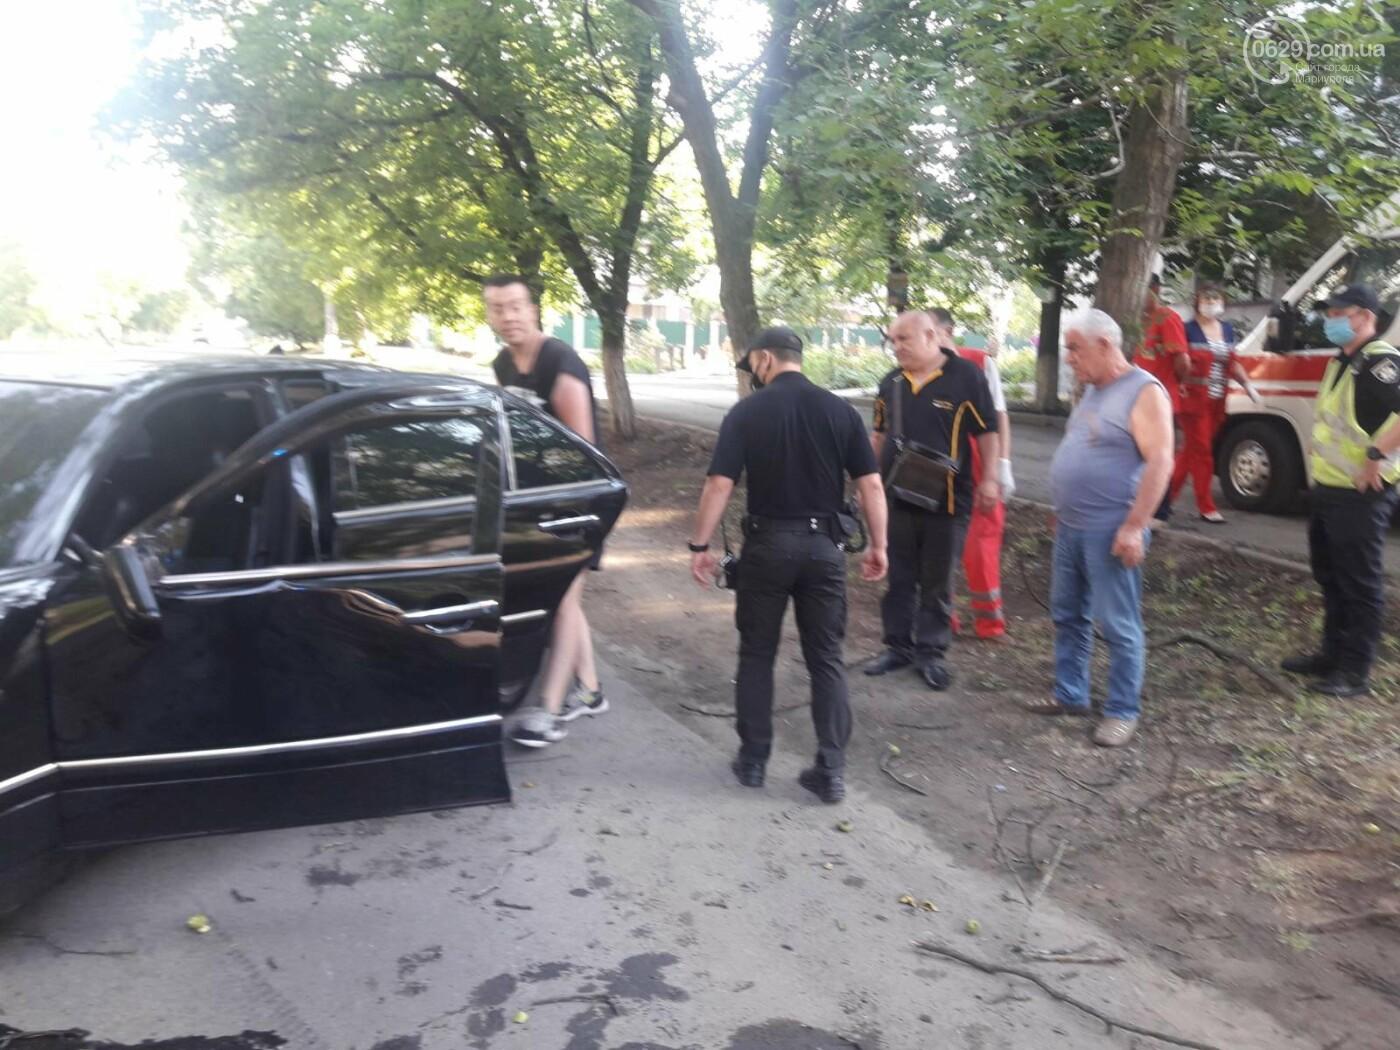 В Мариуполе Мерседес влетел в дерево. Пострадал водитель, - ФОТО, ВИДЕО, фото-1